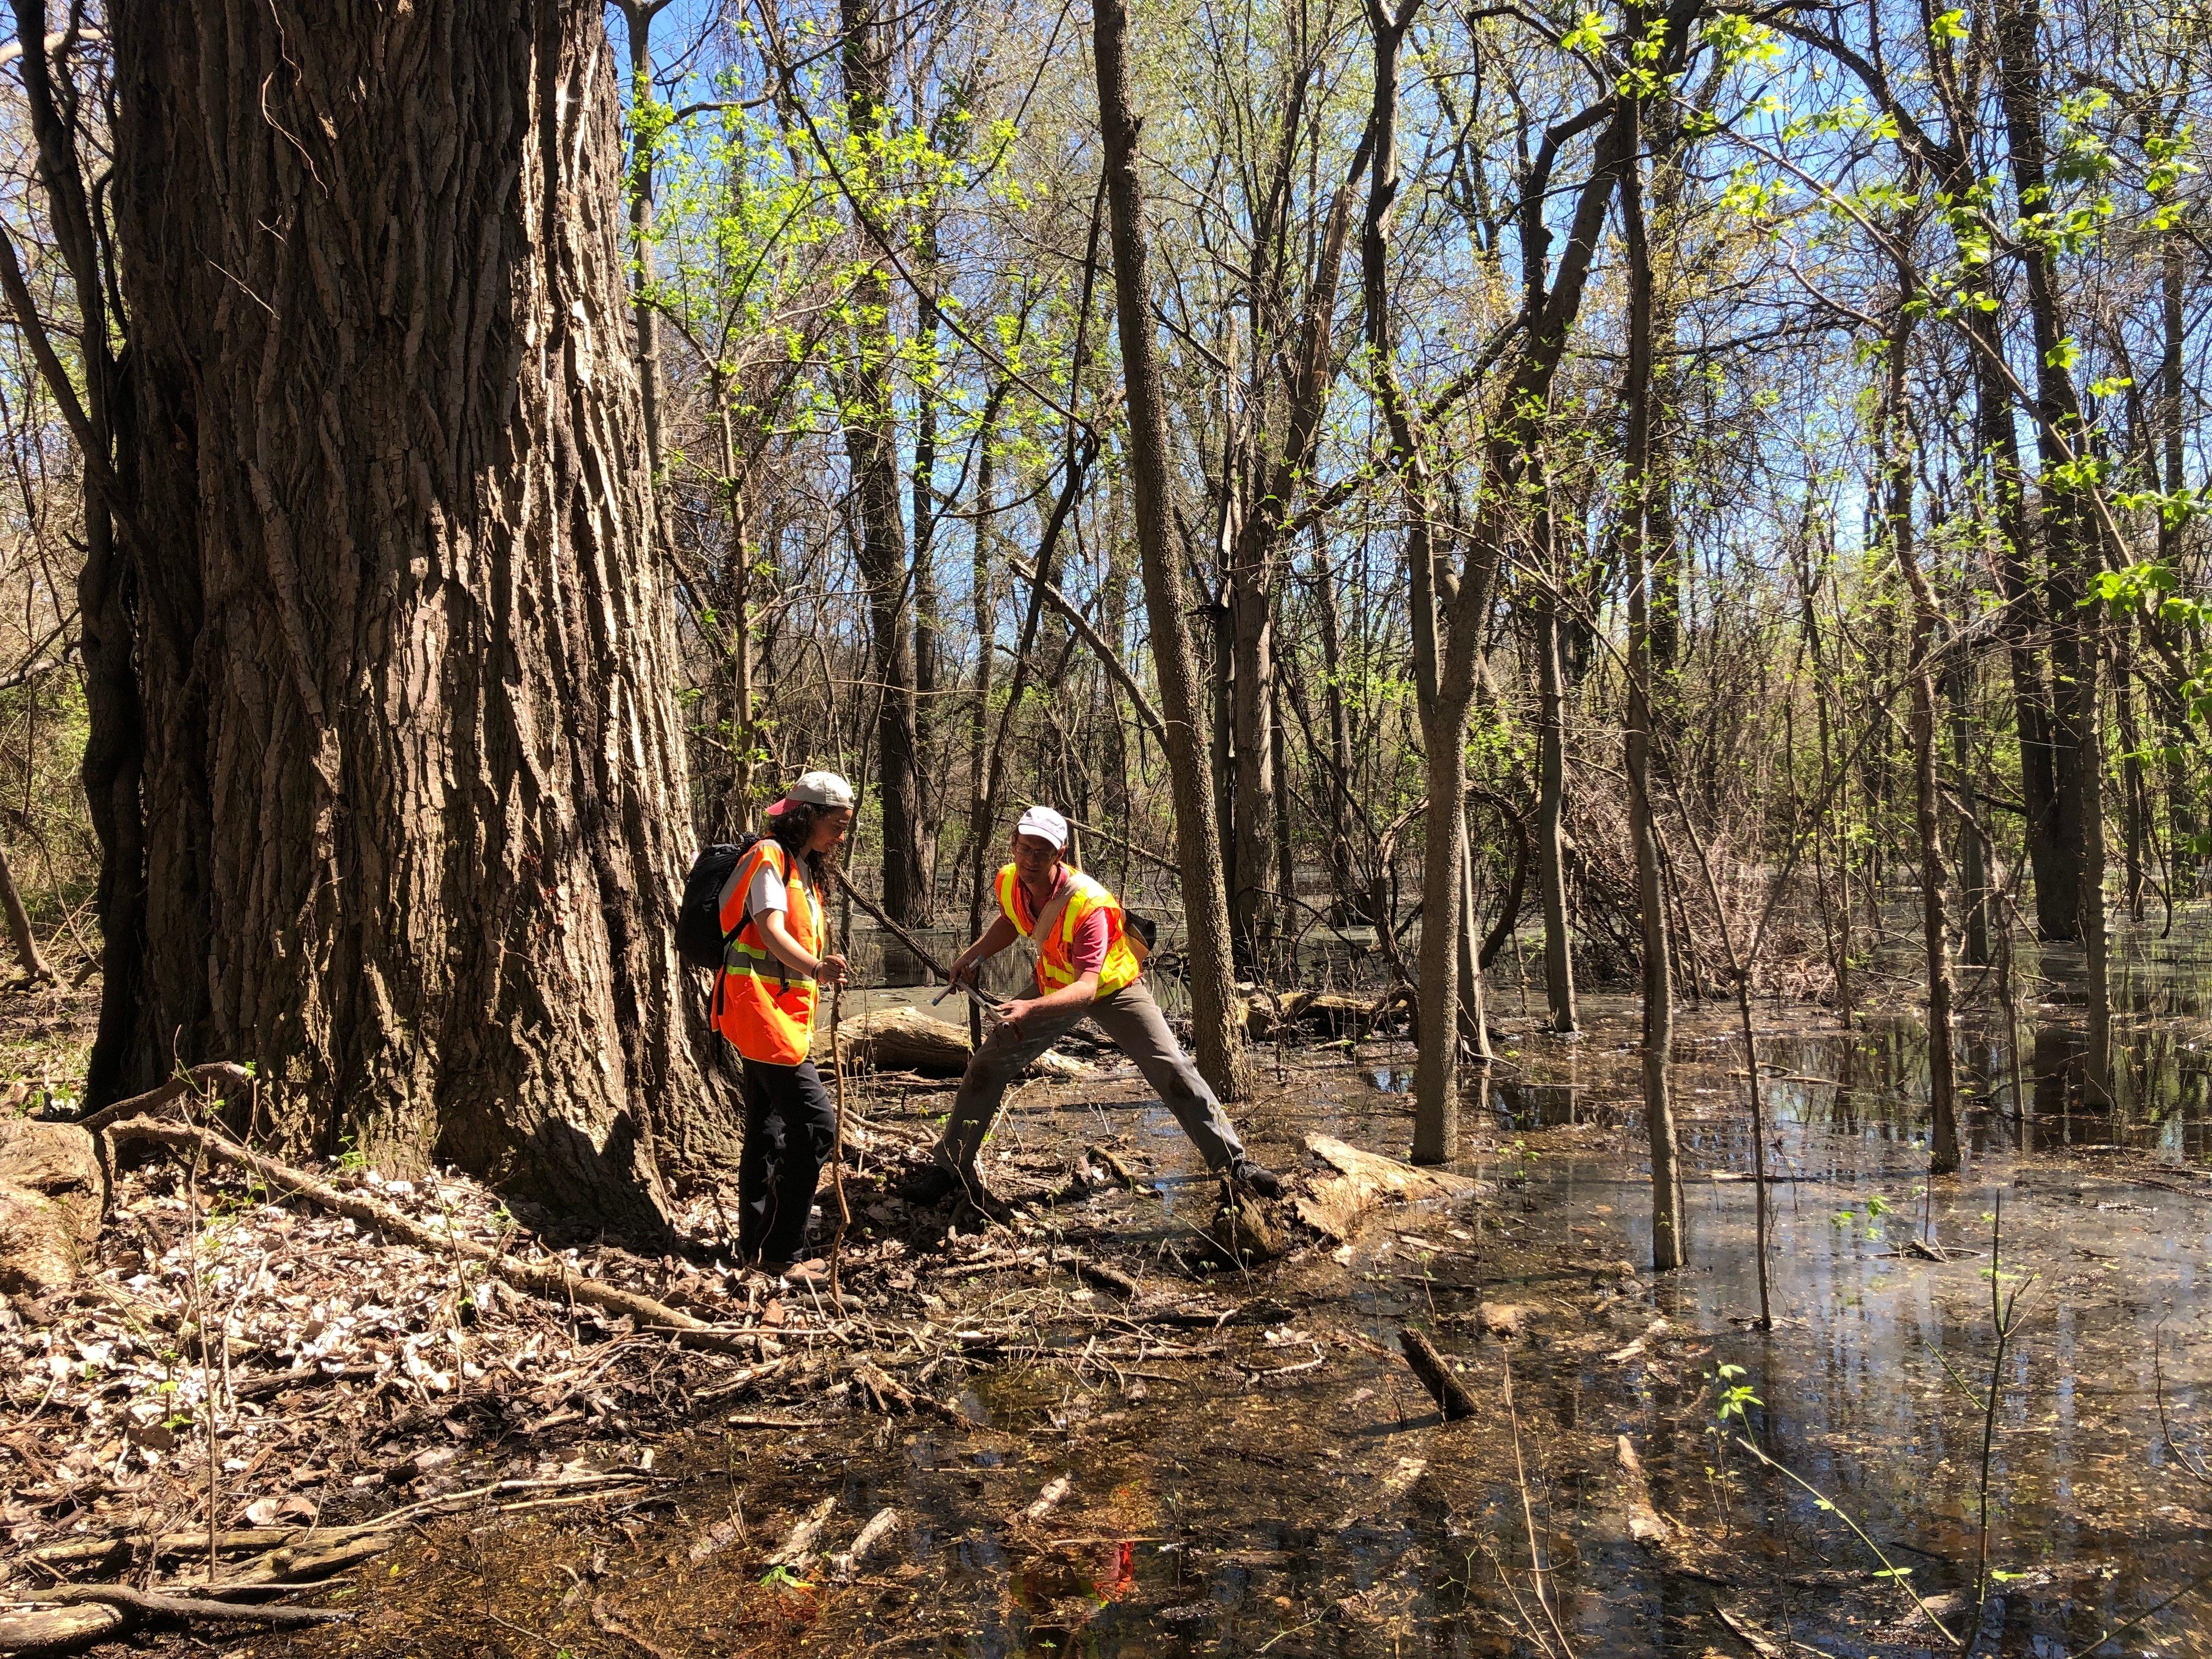 6 - Wetland Scientists at Work